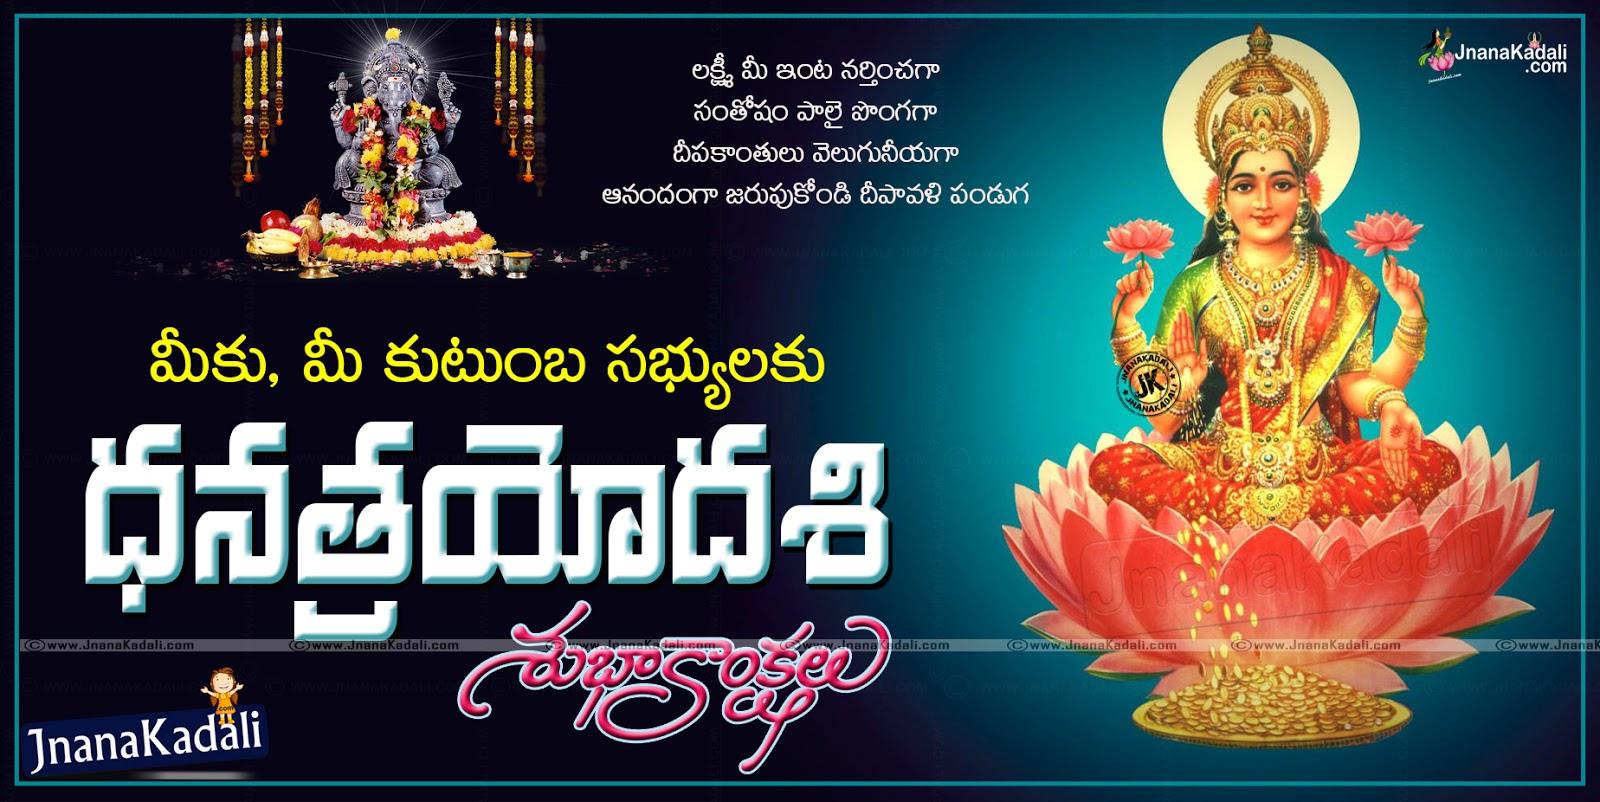 Dhanatrayodashi Wishes In Telugu Dhanatrayodashi Pooja